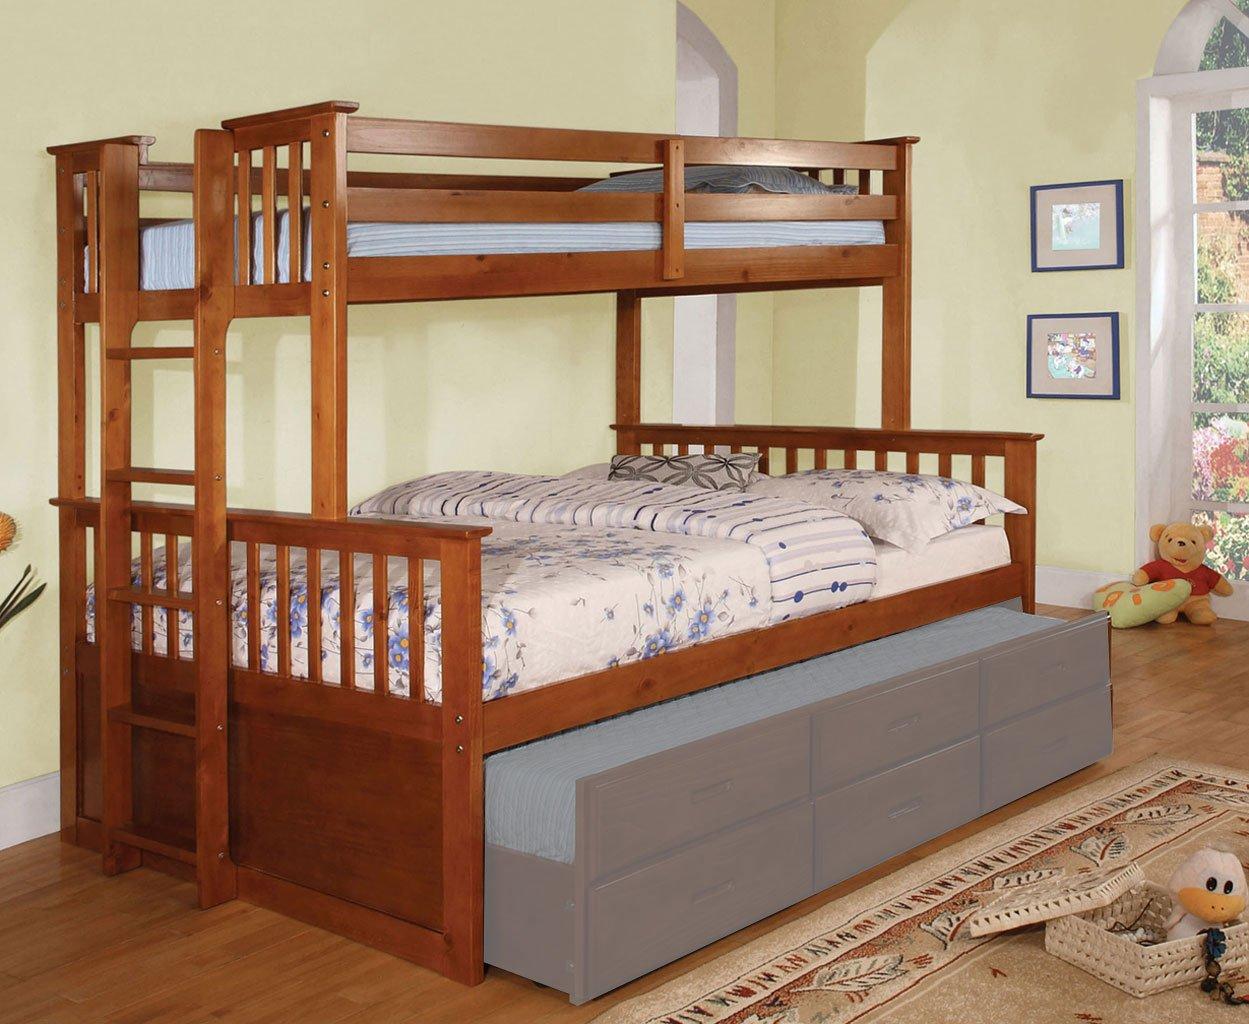 University Twin over Queen Bunk Bed (Oak)